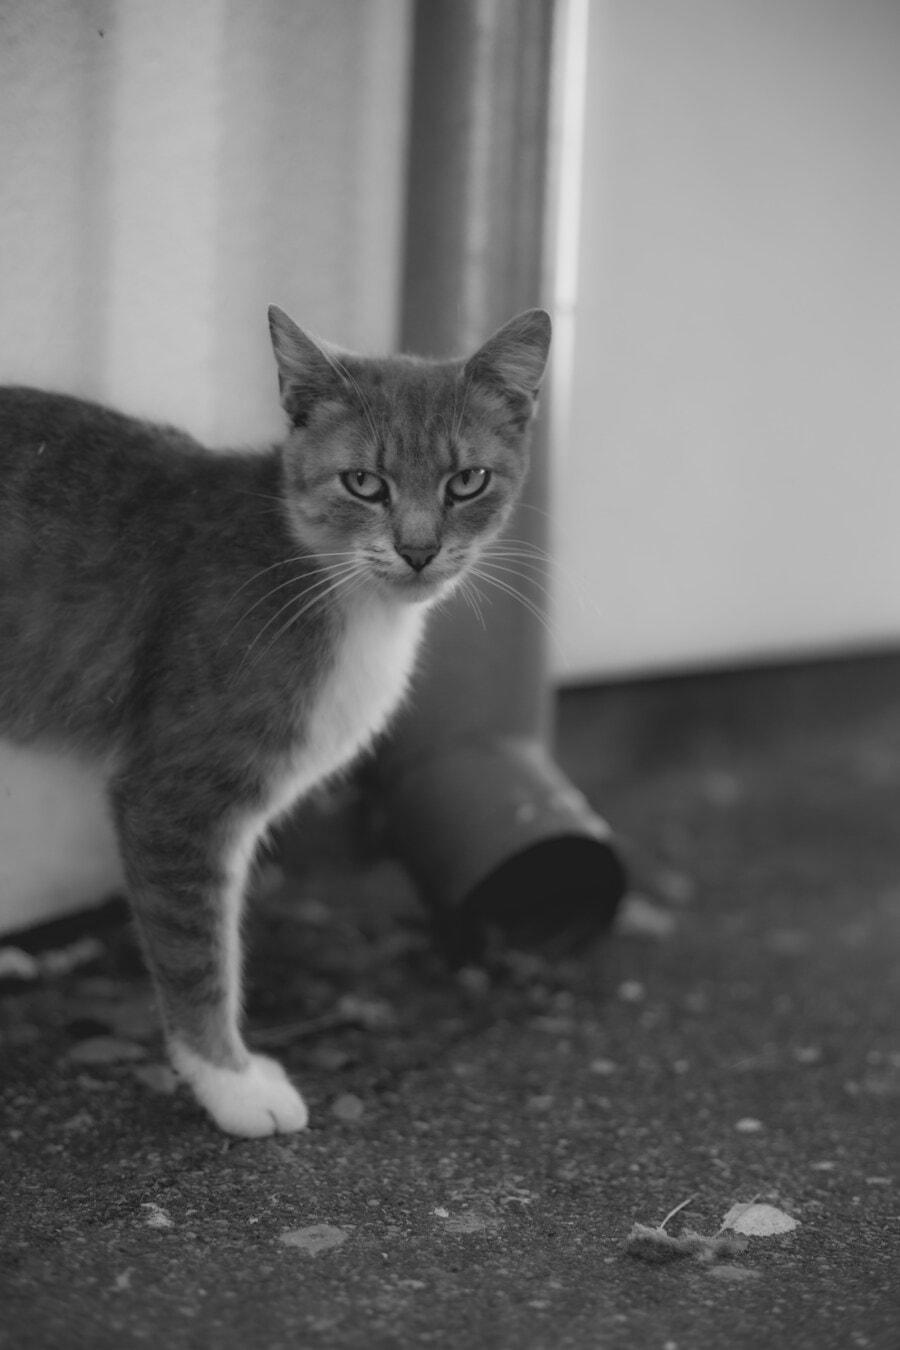 gattino, gatto domestico, grigio, bianco e nero, bianco e nero, gatto, animale domestico, gattino, carina, pelliccia